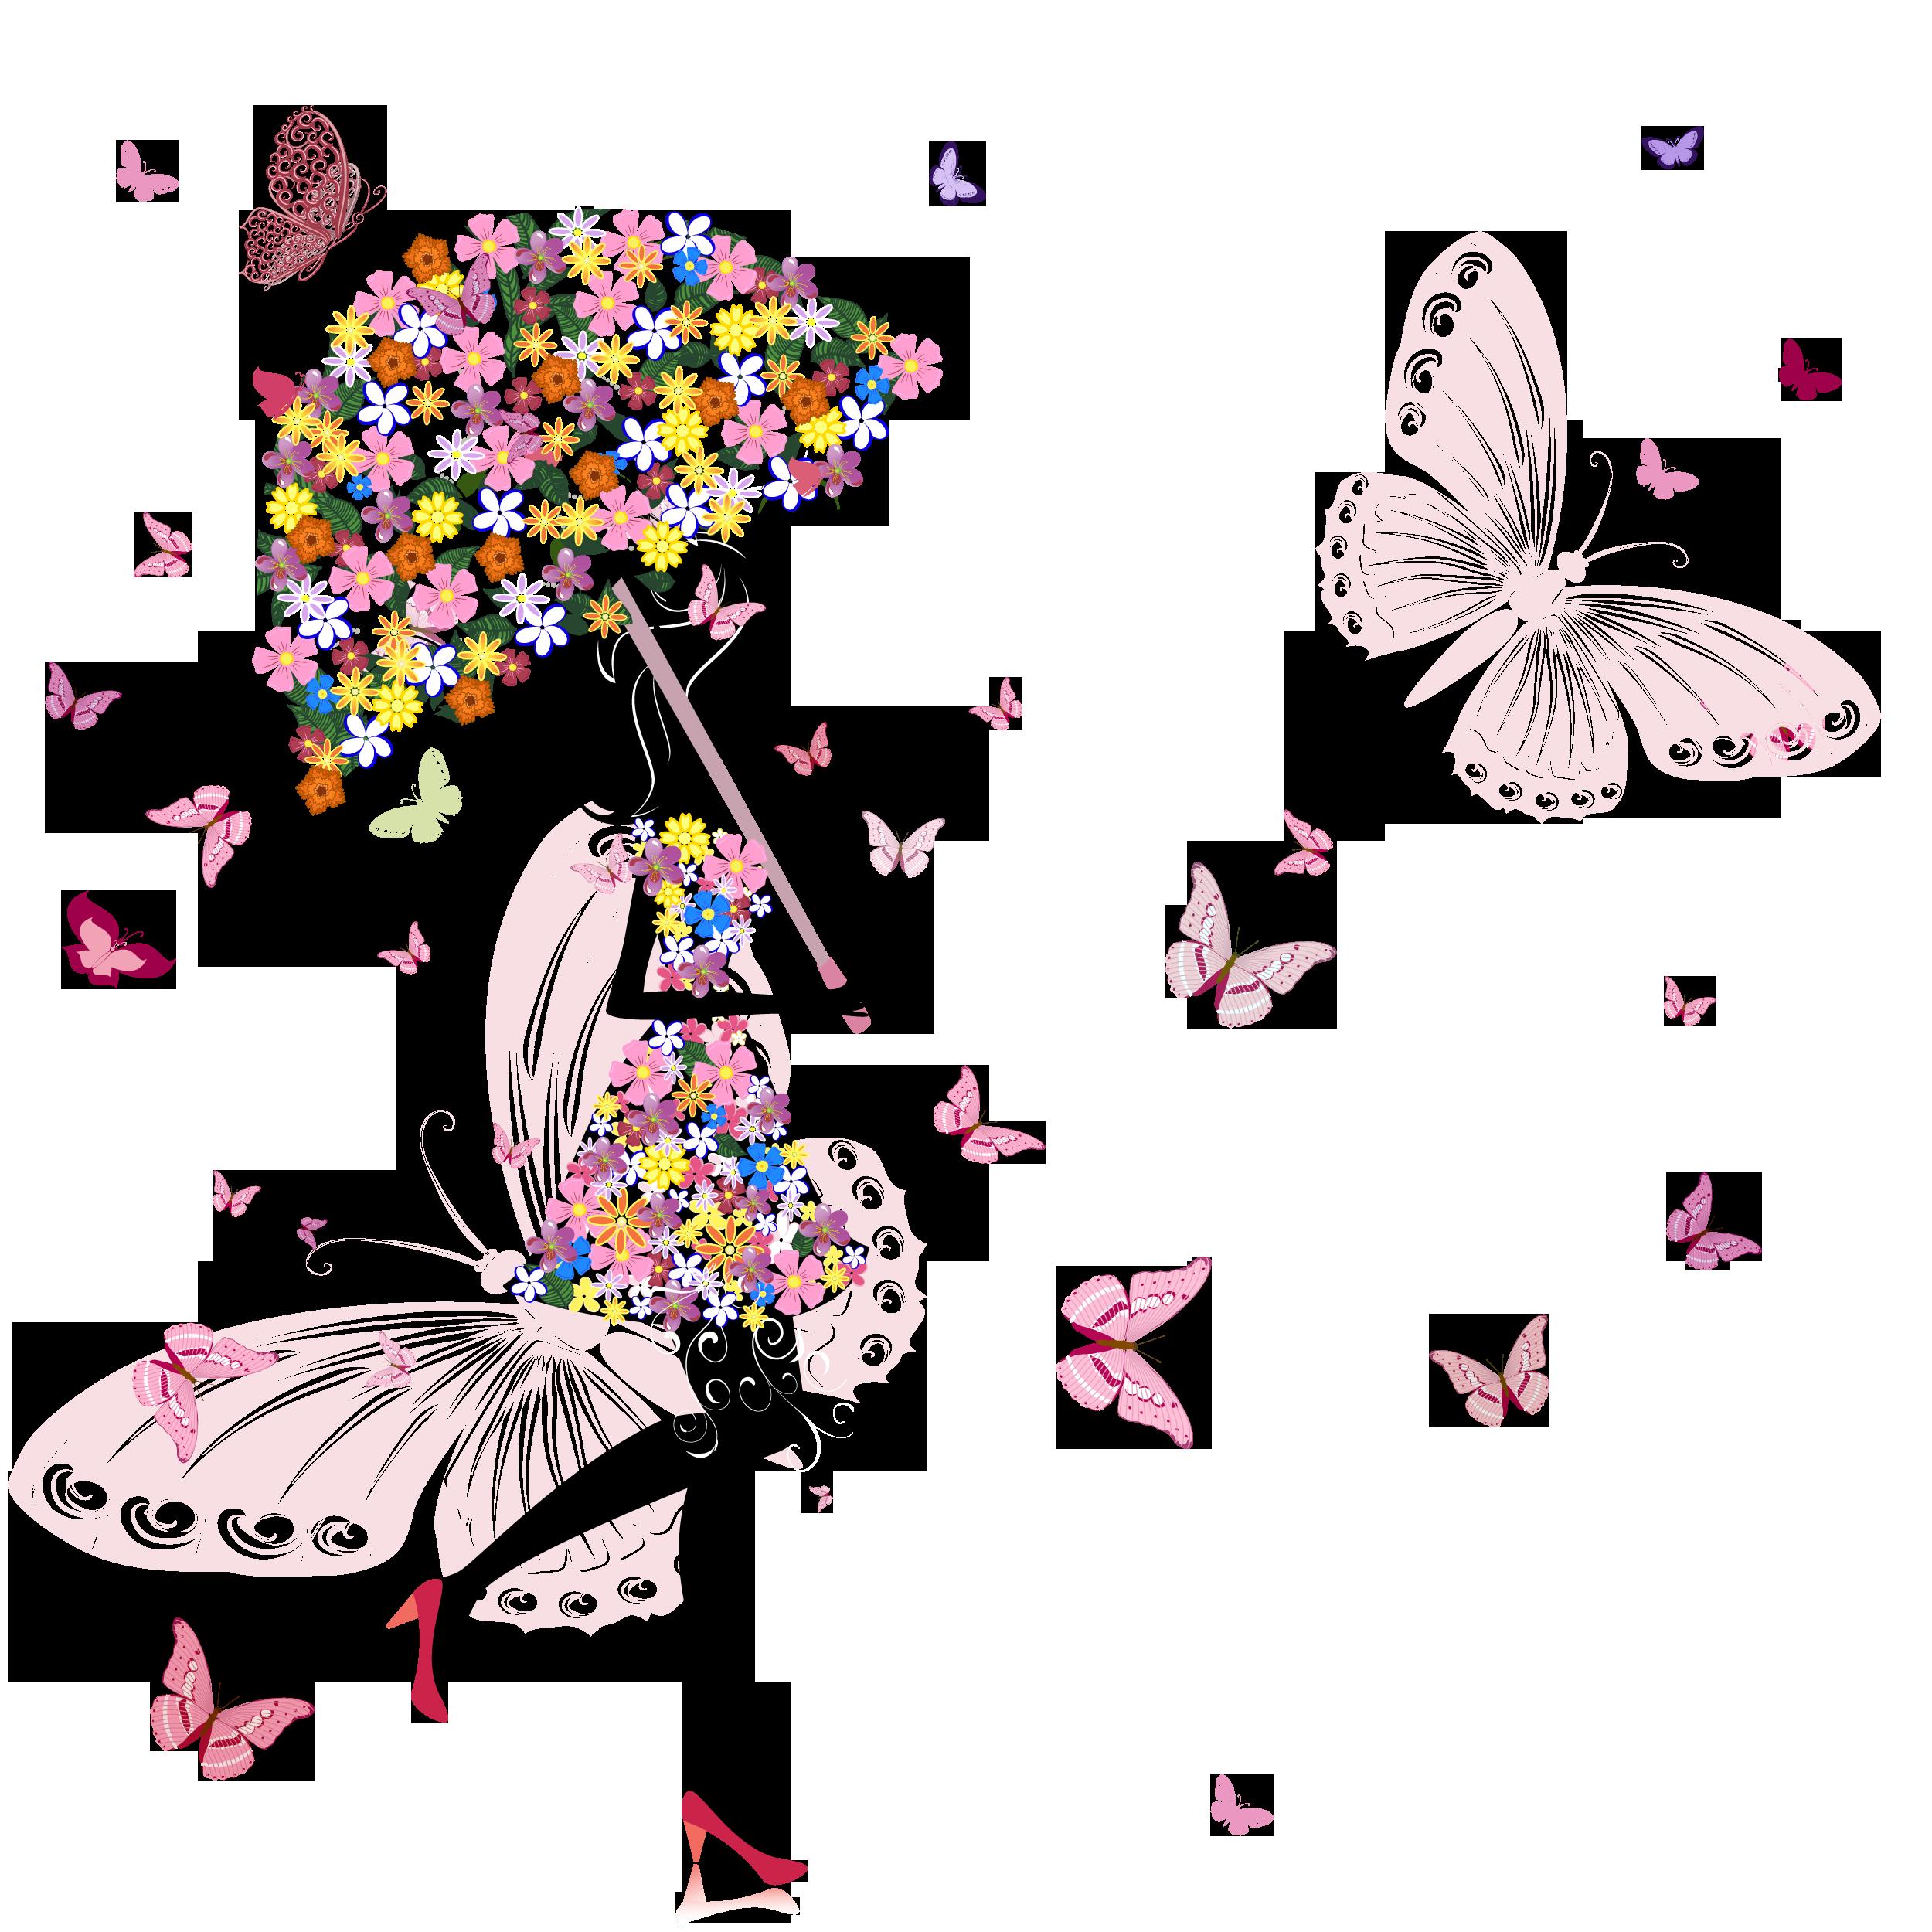 花のイラストフリー素材壁紙背景no212傘をさす女性蝶